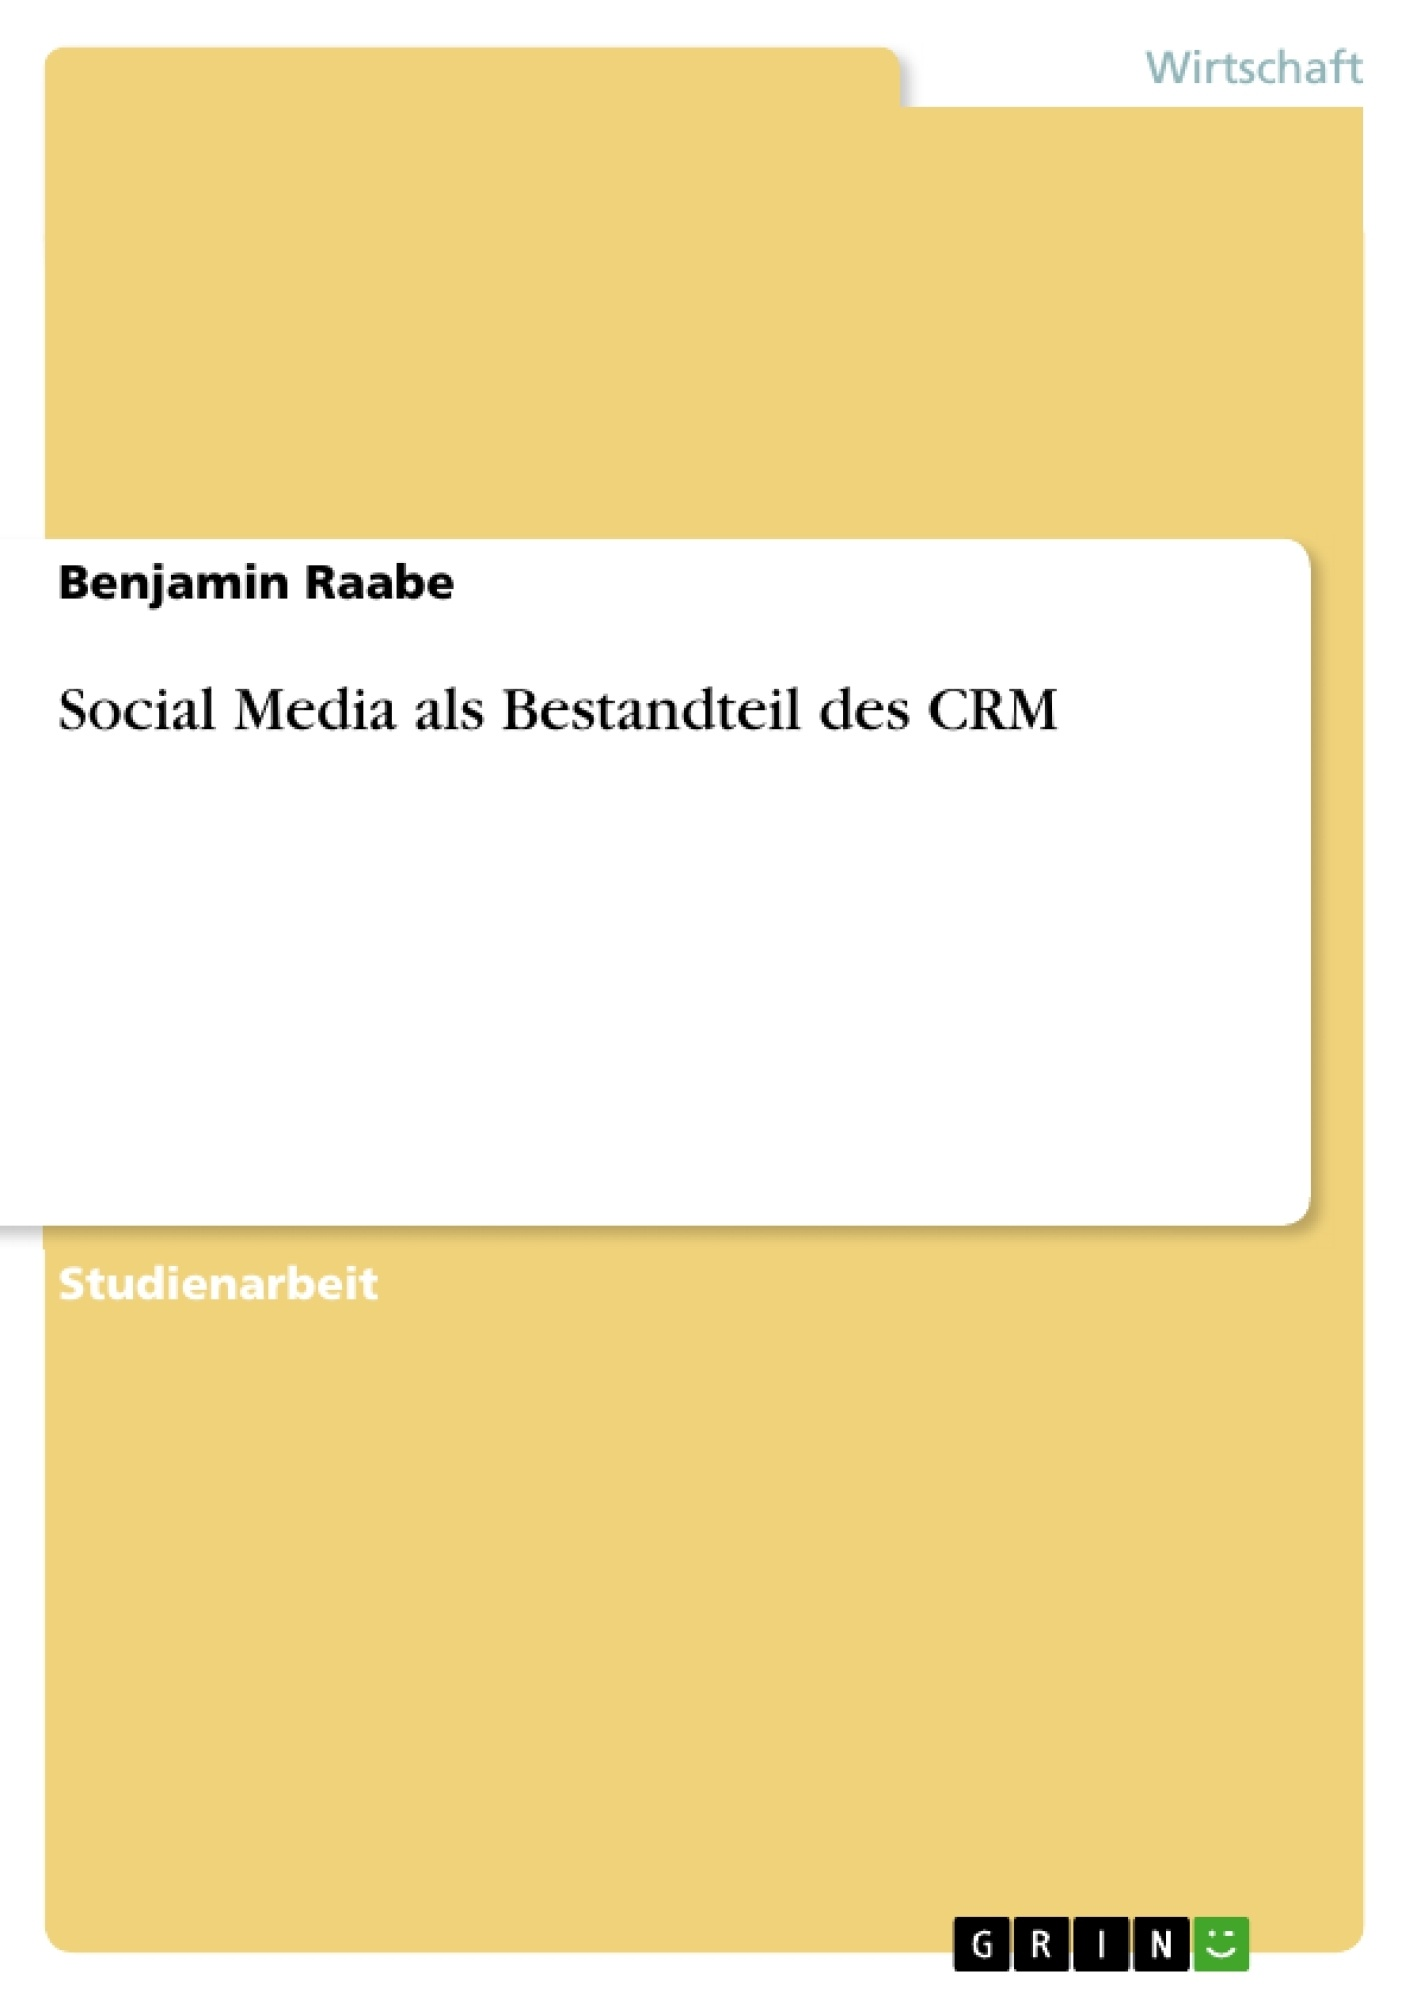 Titel: Social Media als Bestandteil des CRM